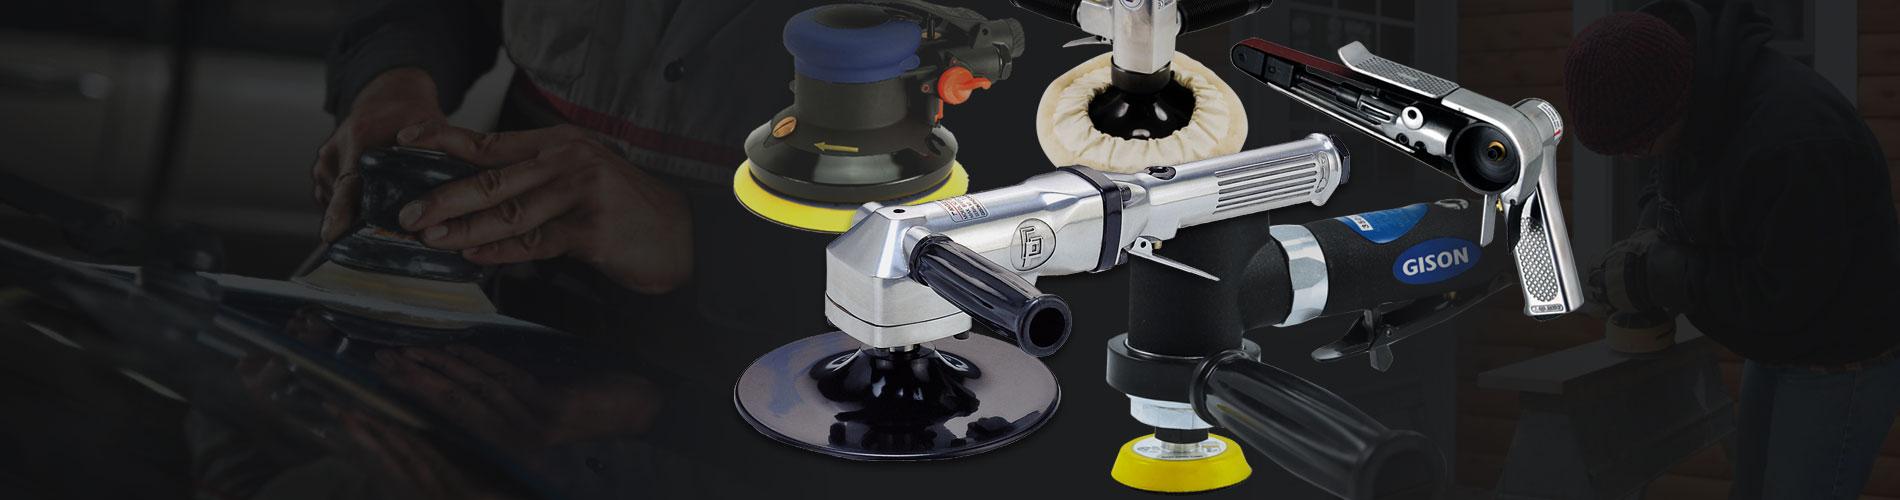 Воздушные инструменты для Шлифовка / полировка